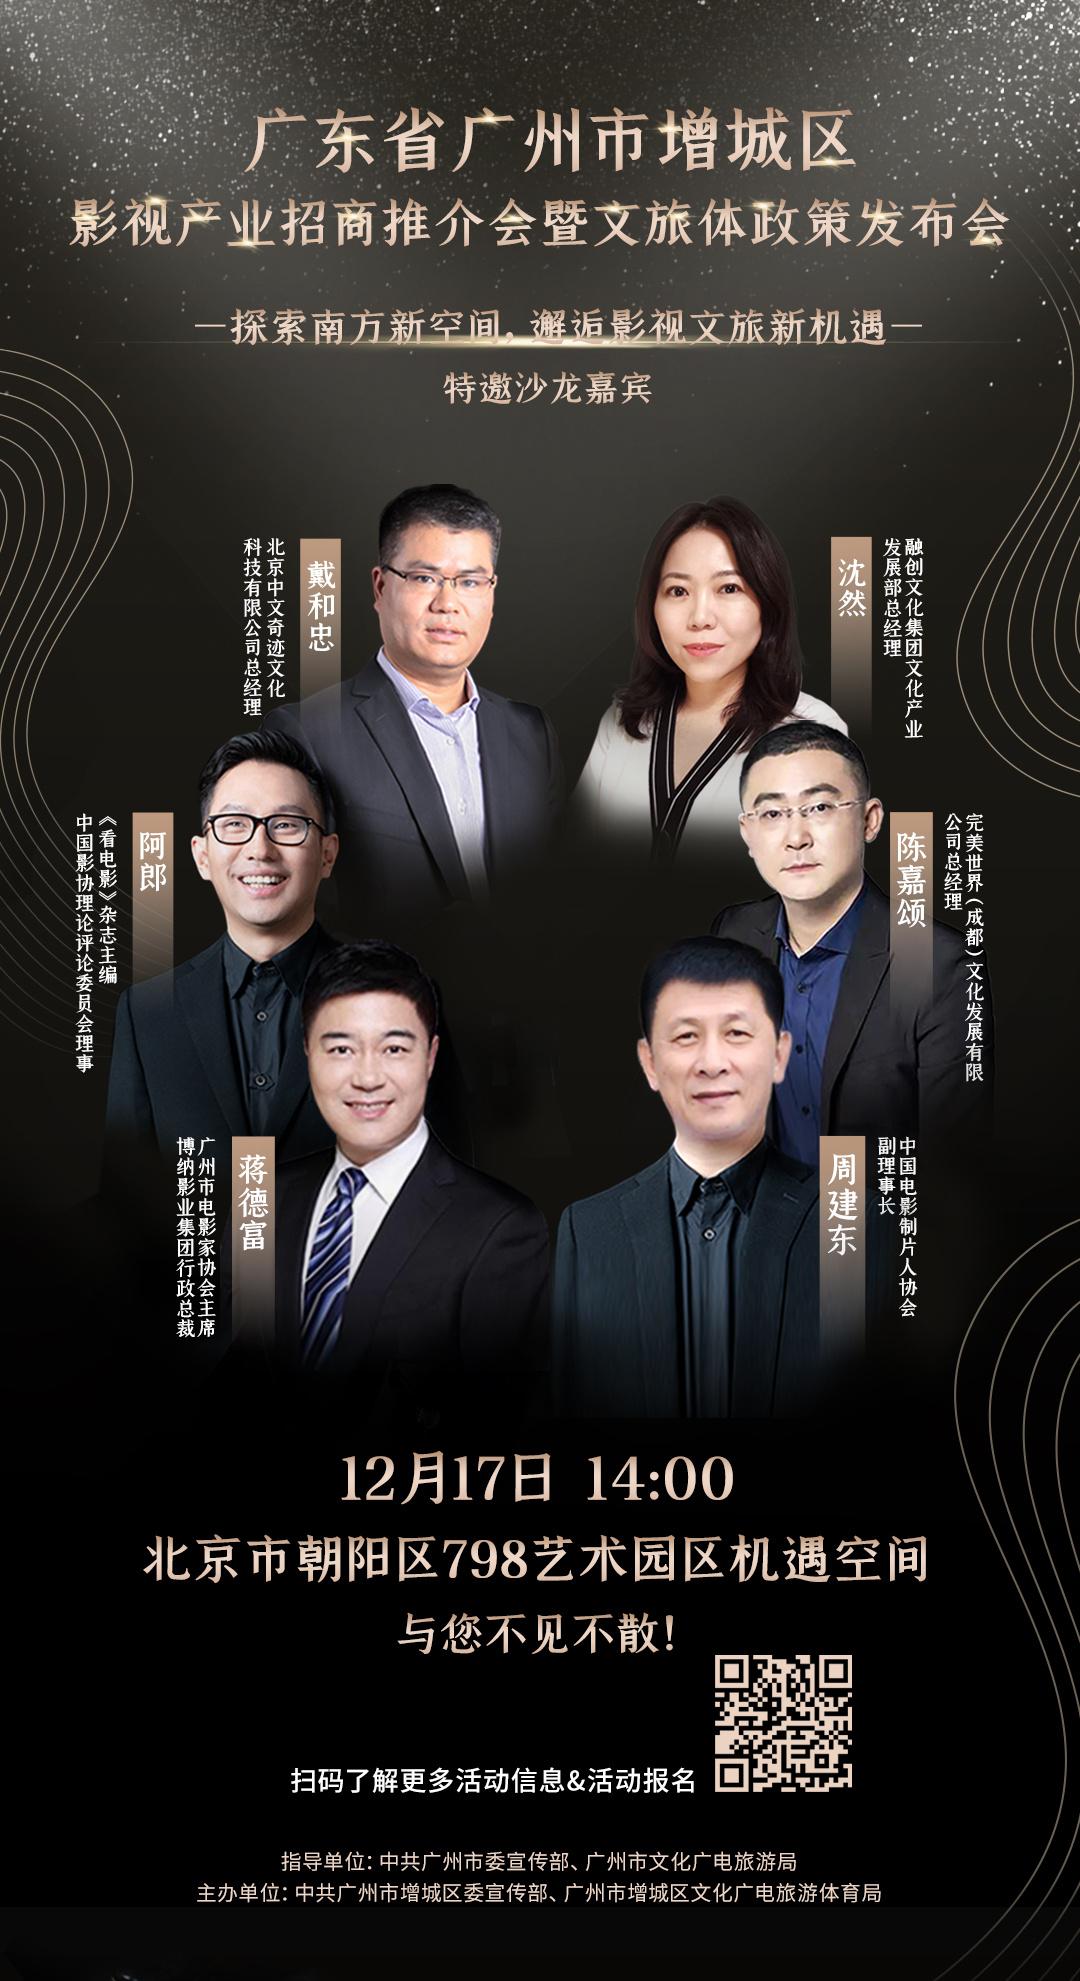 皇冠app(huangguan.us):广州增城推介会将举行 共议大湾区影视产业生长